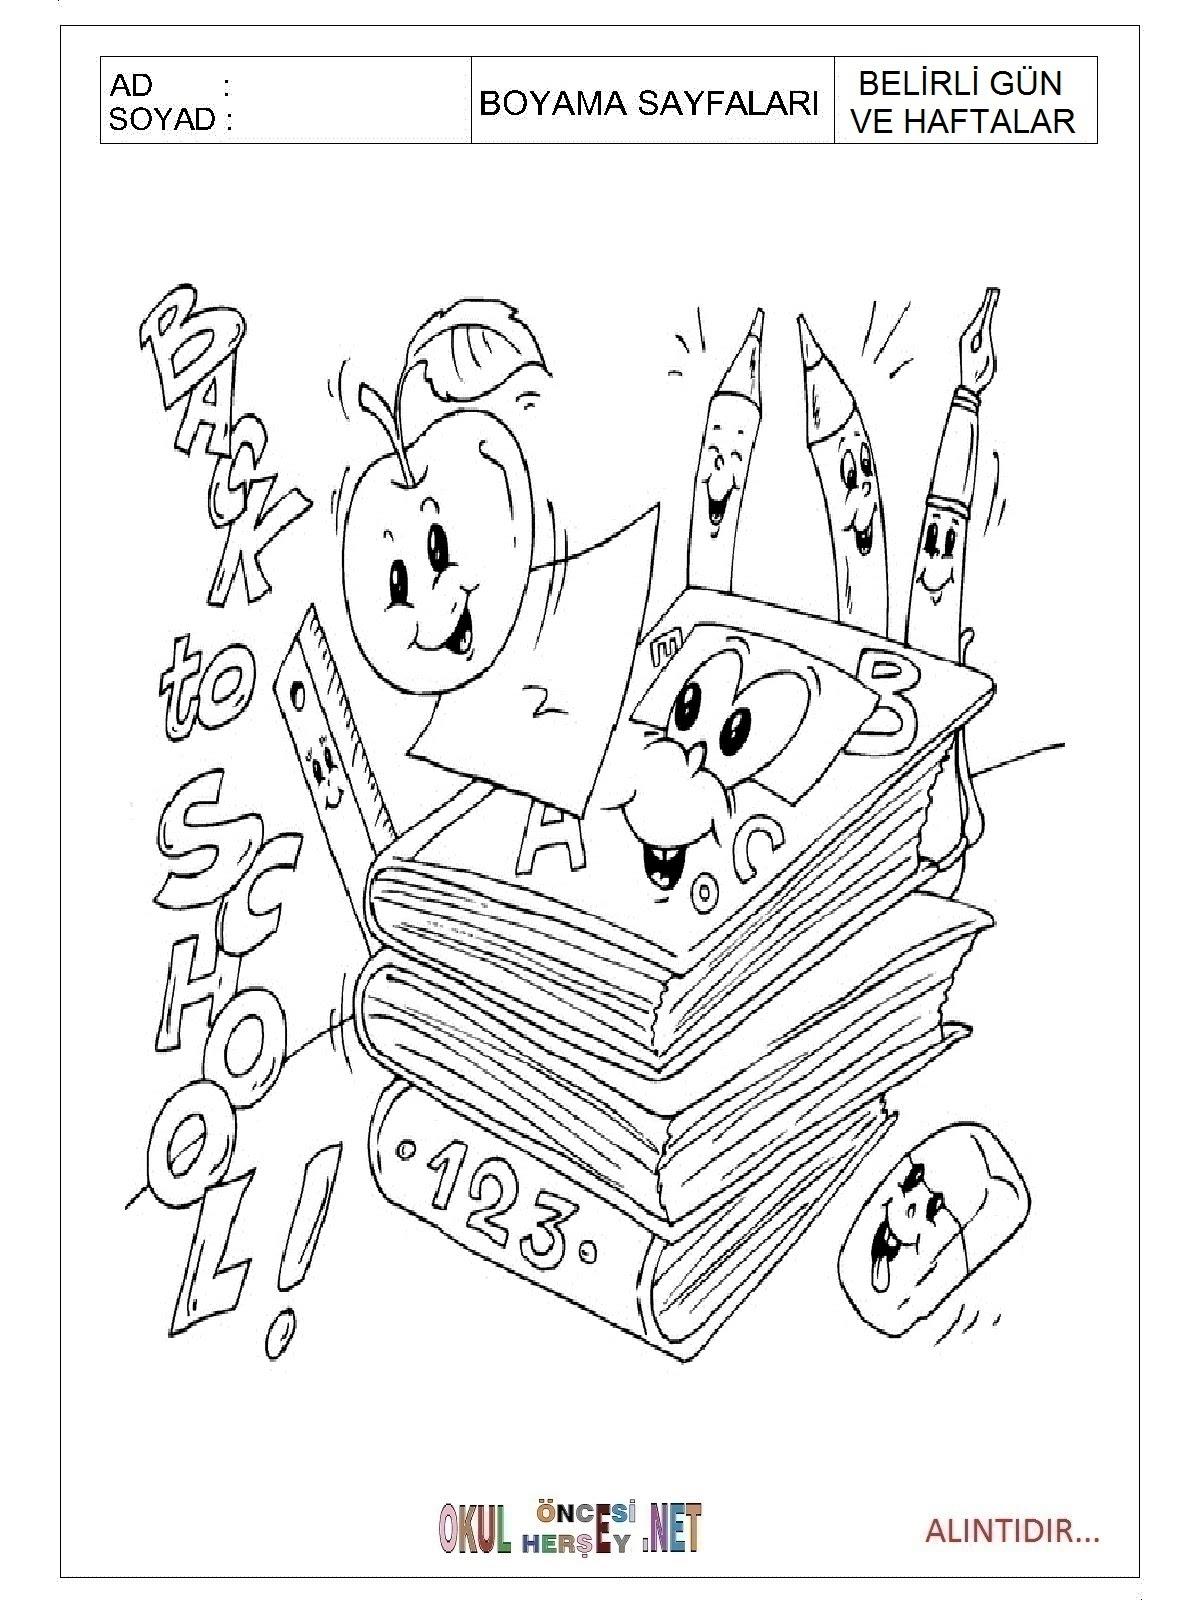 Ilköğretim Haftası Boyama Sayfaları